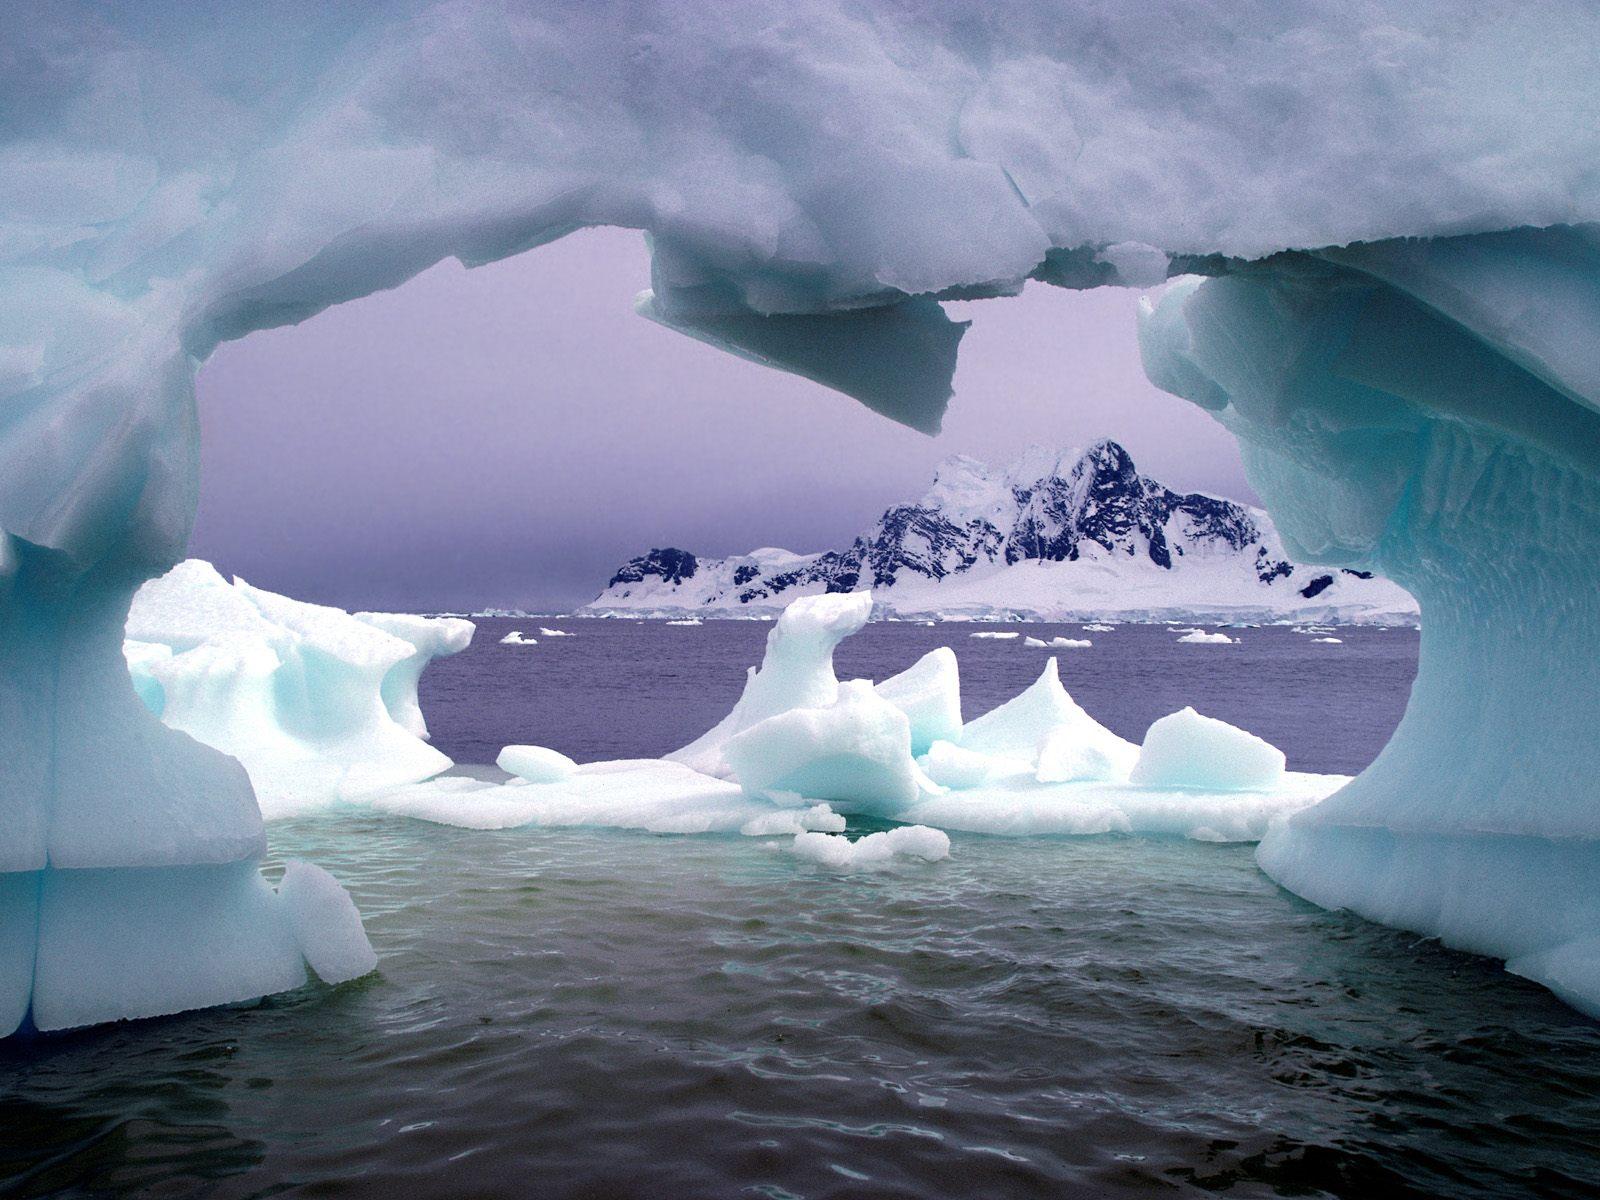 antarctica wallpaper A4